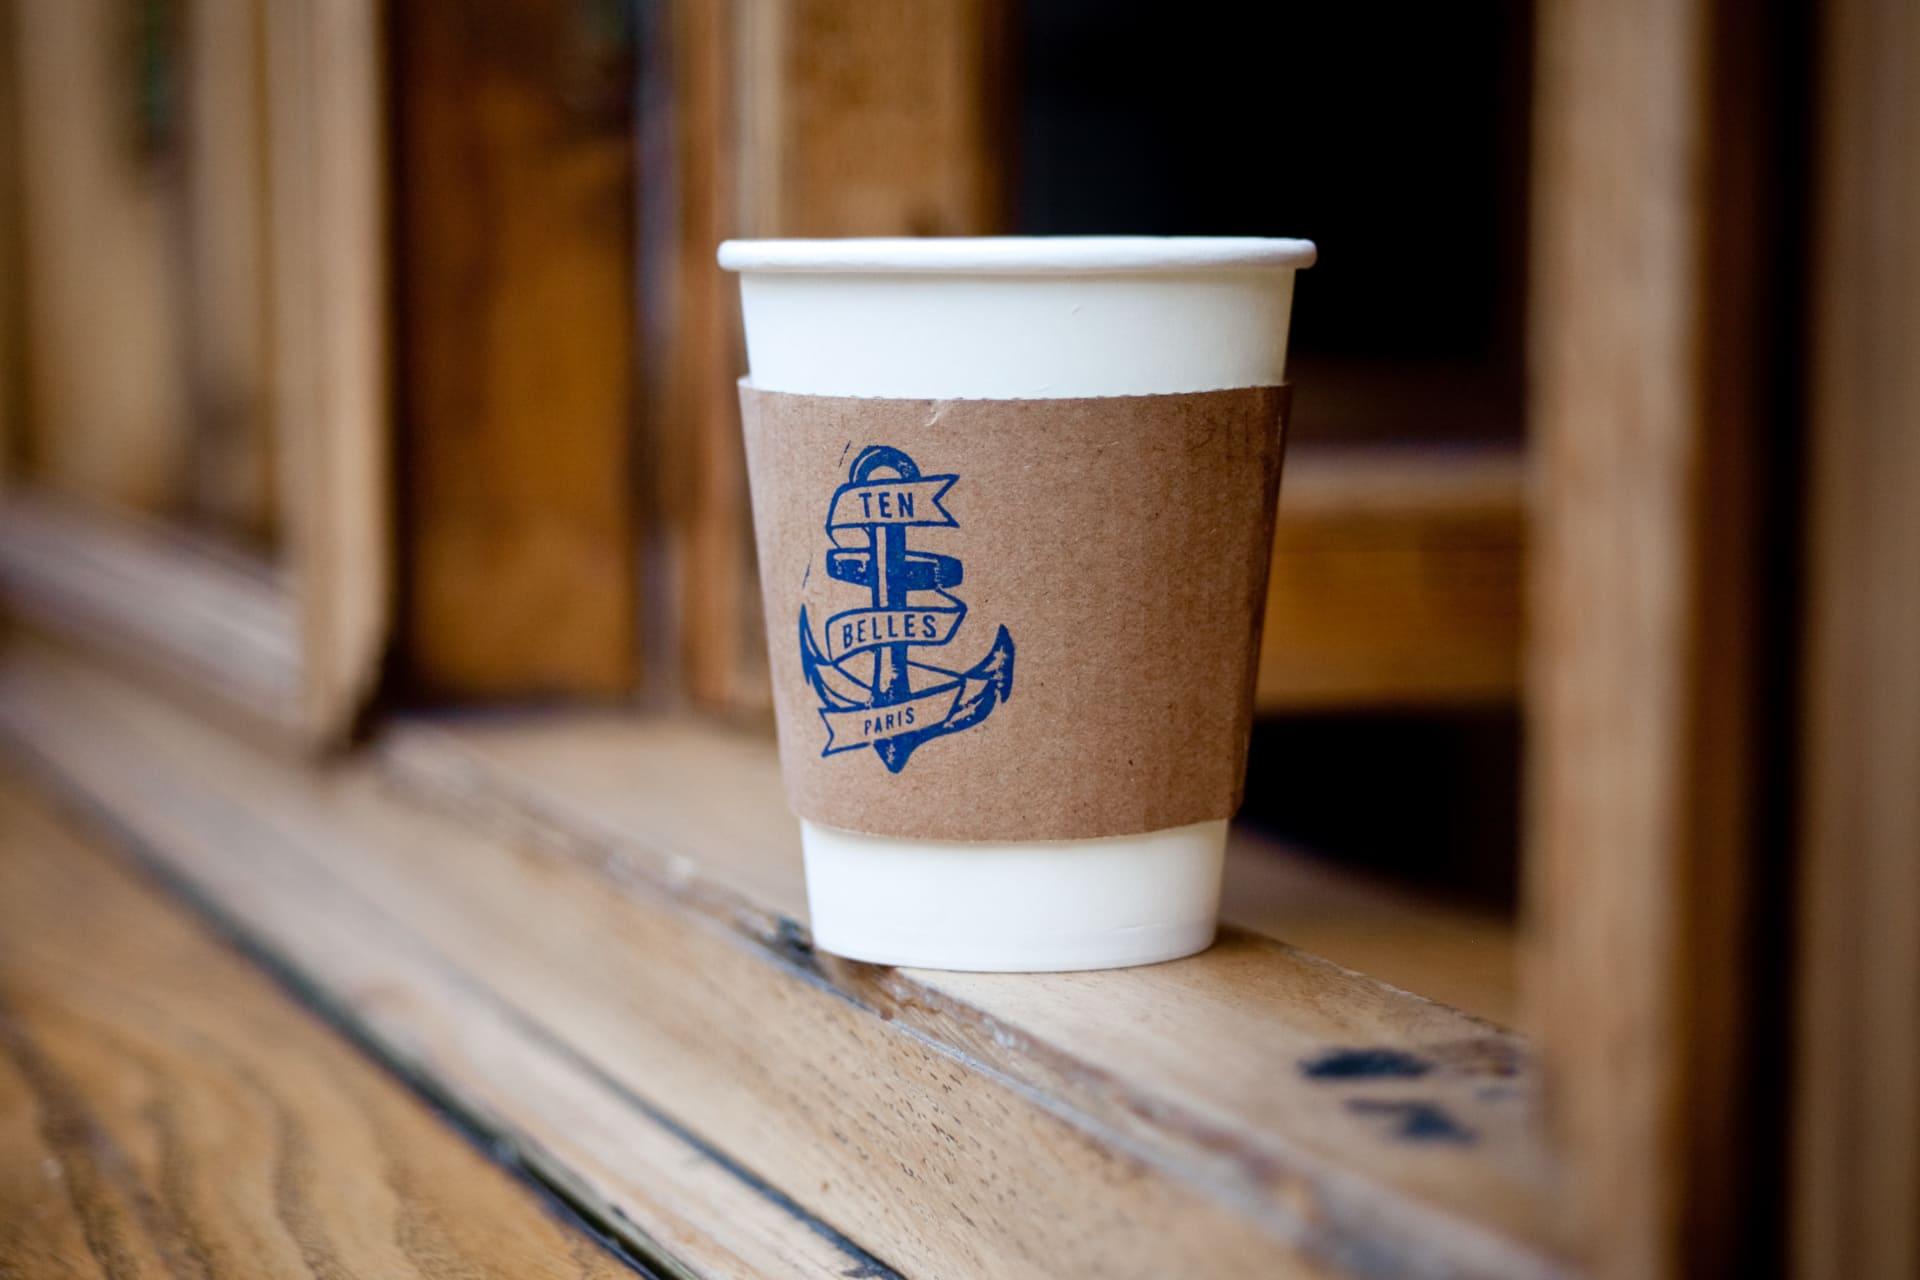 I hjärtat av 10th arrondissement ligger Ten Belles, där kan ni avnjuta fantastiskkaffe.